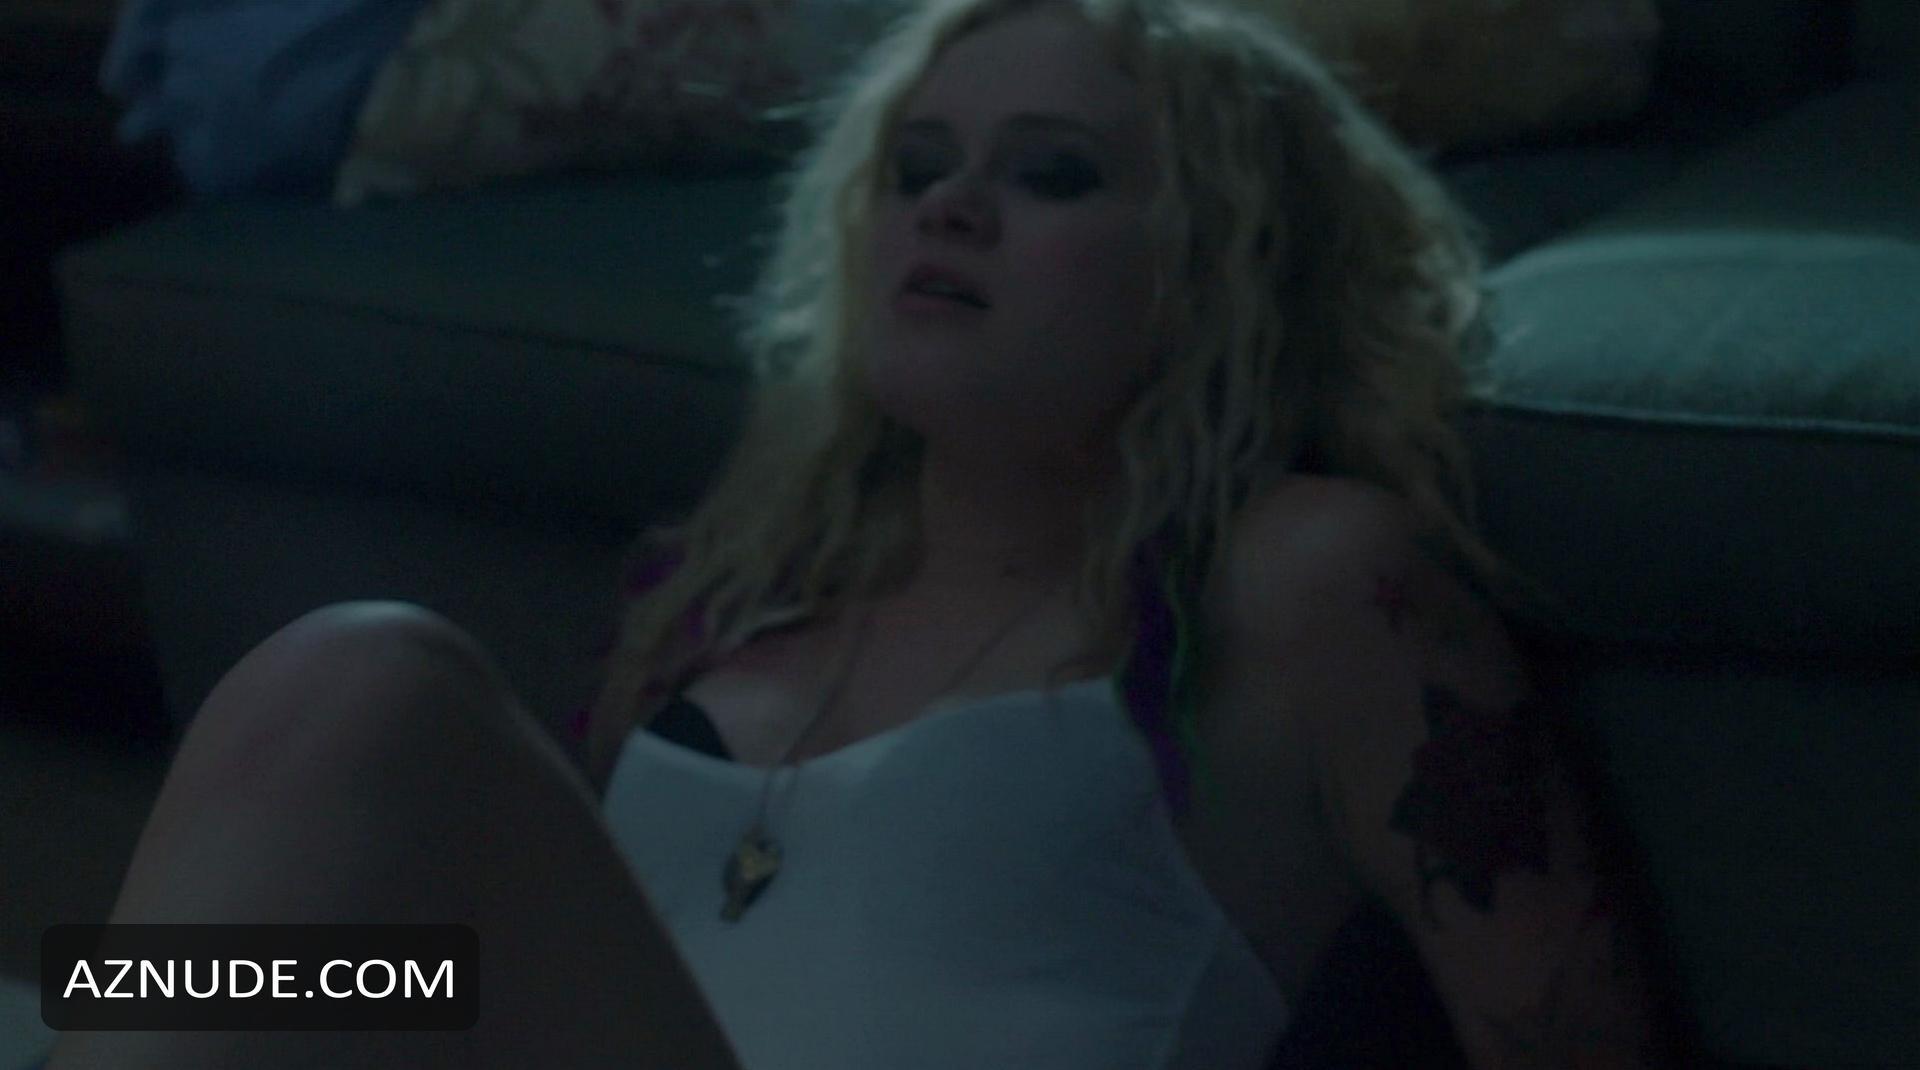 Sara paxton pussy naked